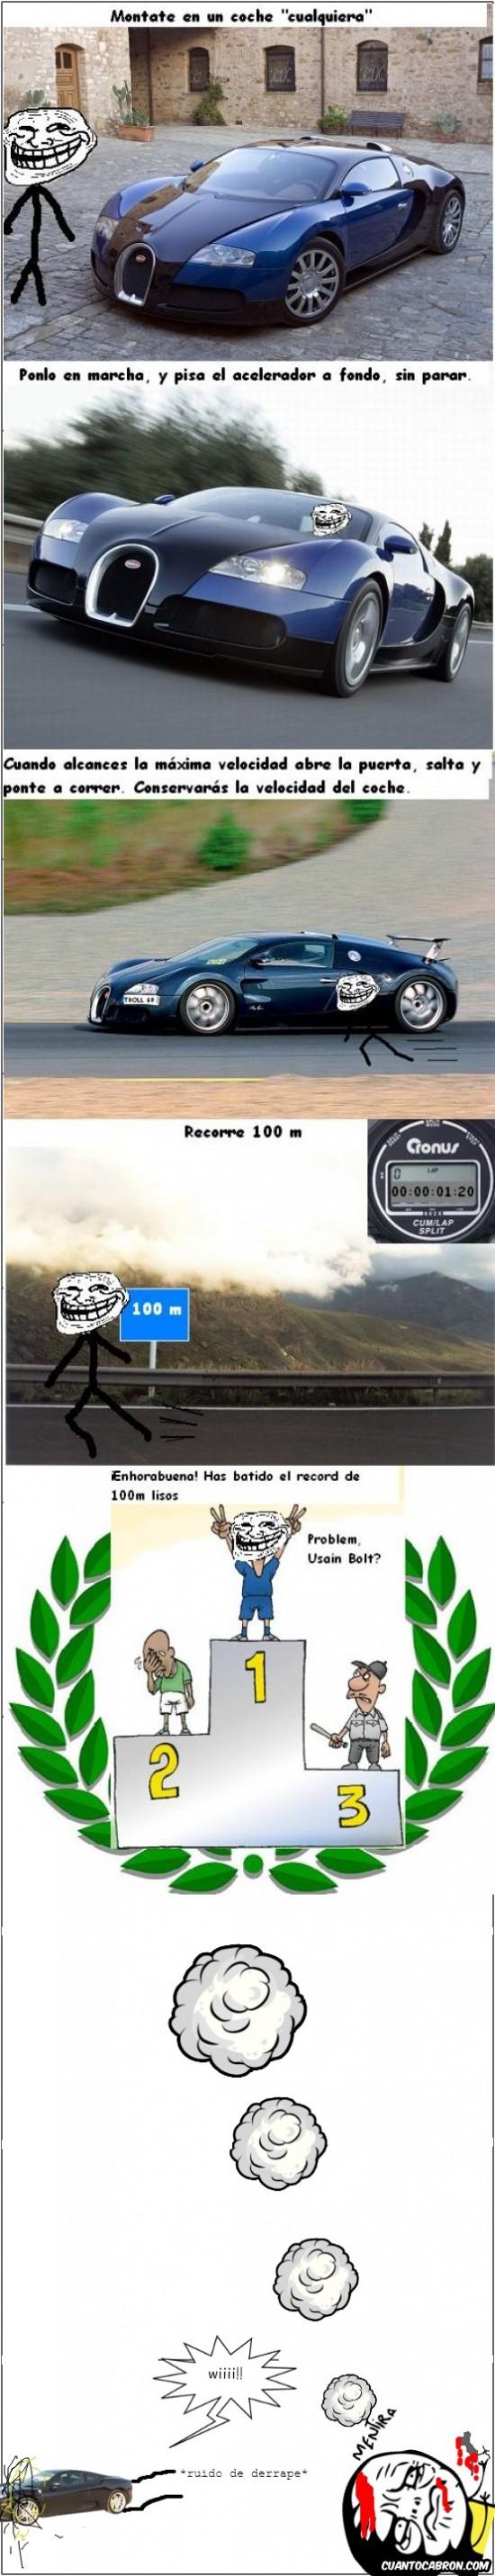 Mentira - Cómo batir el récord de los 100m lisos